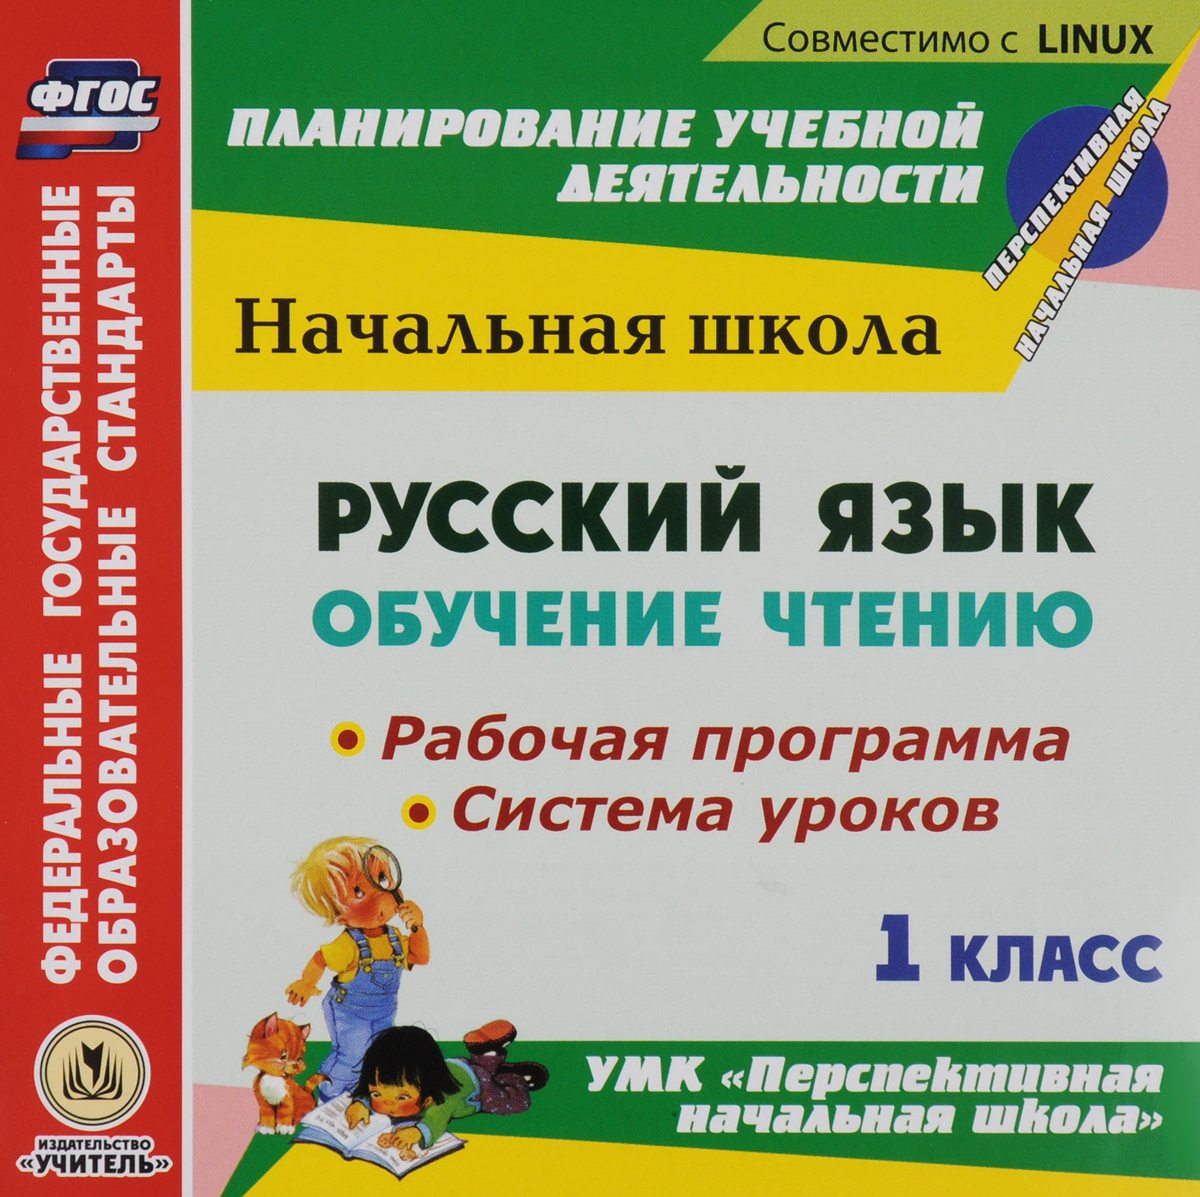 Русский язык. Обучение чтению. 1 класс. Рабочая программа и система уроков по УМК